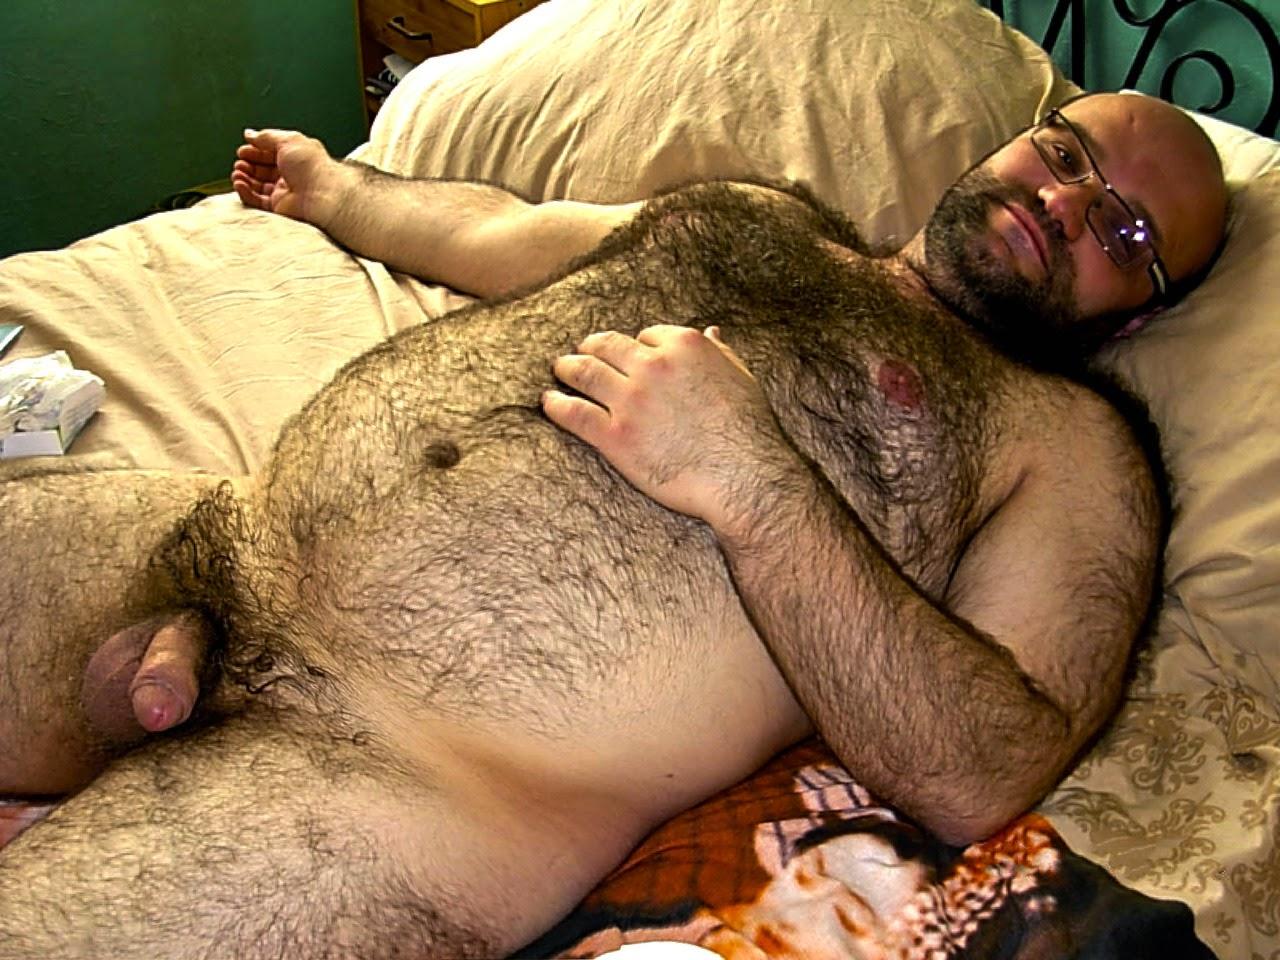 Сильно волосатый мужик, Волосатые парни ВКонтакте 3 фотография